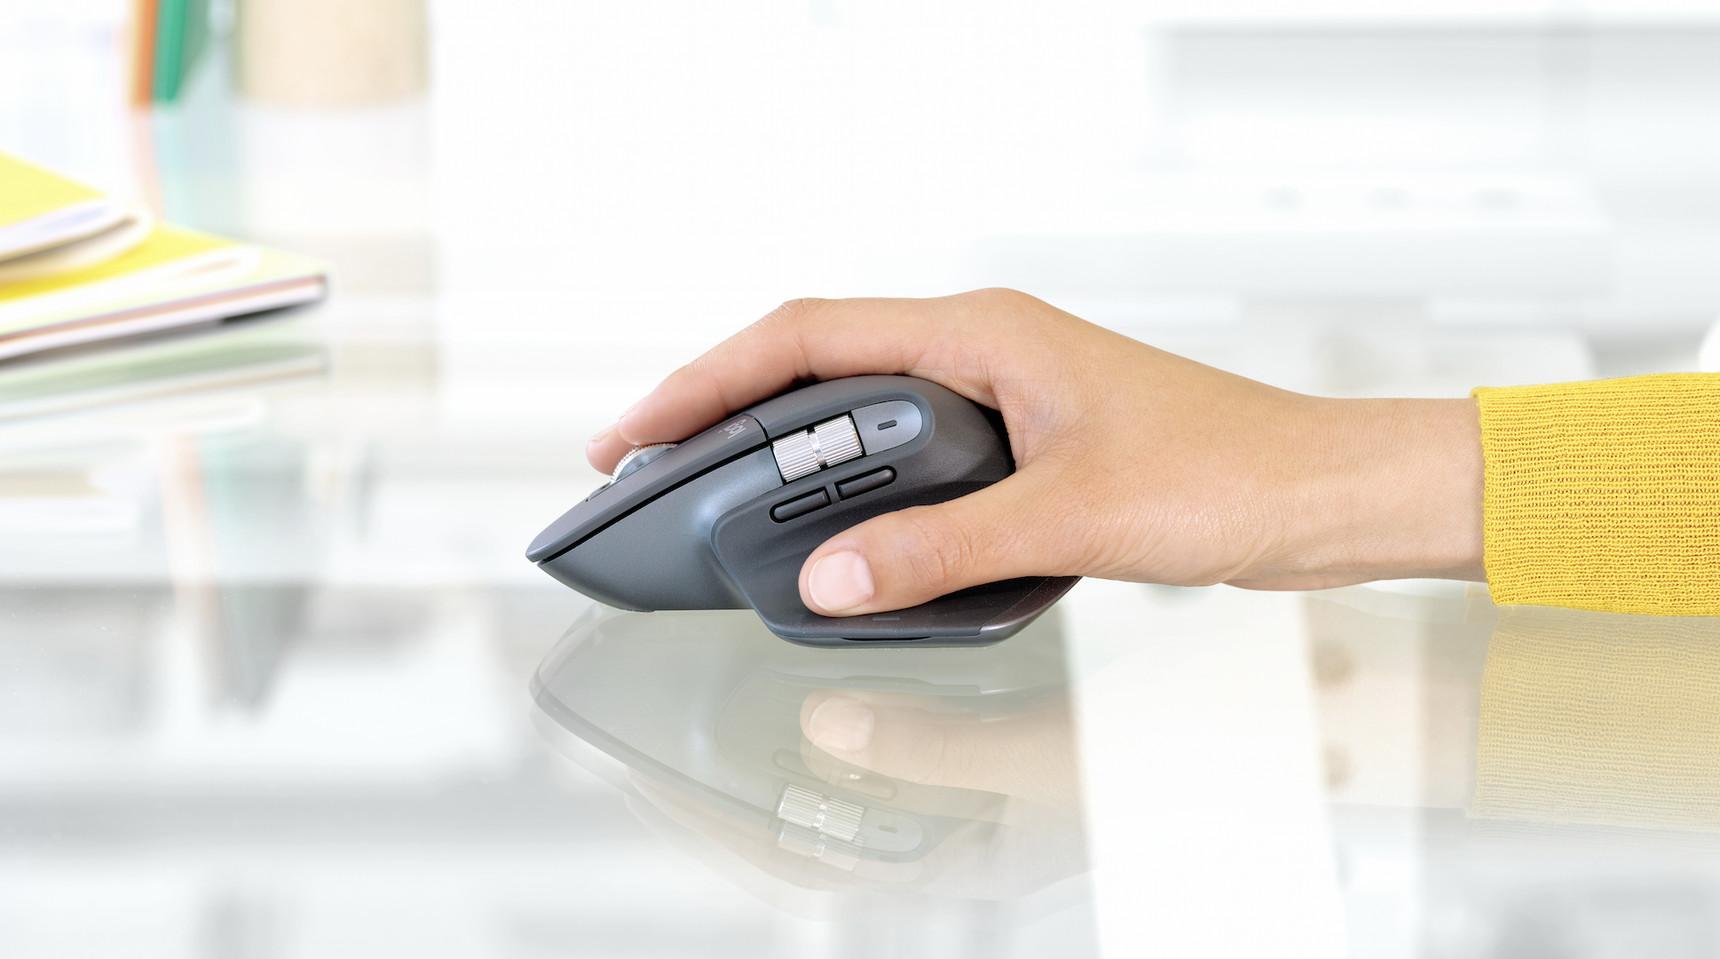 Con l'ergonomia in mente, ad IFA 2019 troviamo il mouse Logitech MX Master 3 e la tastiera Logitech MX Keys 1